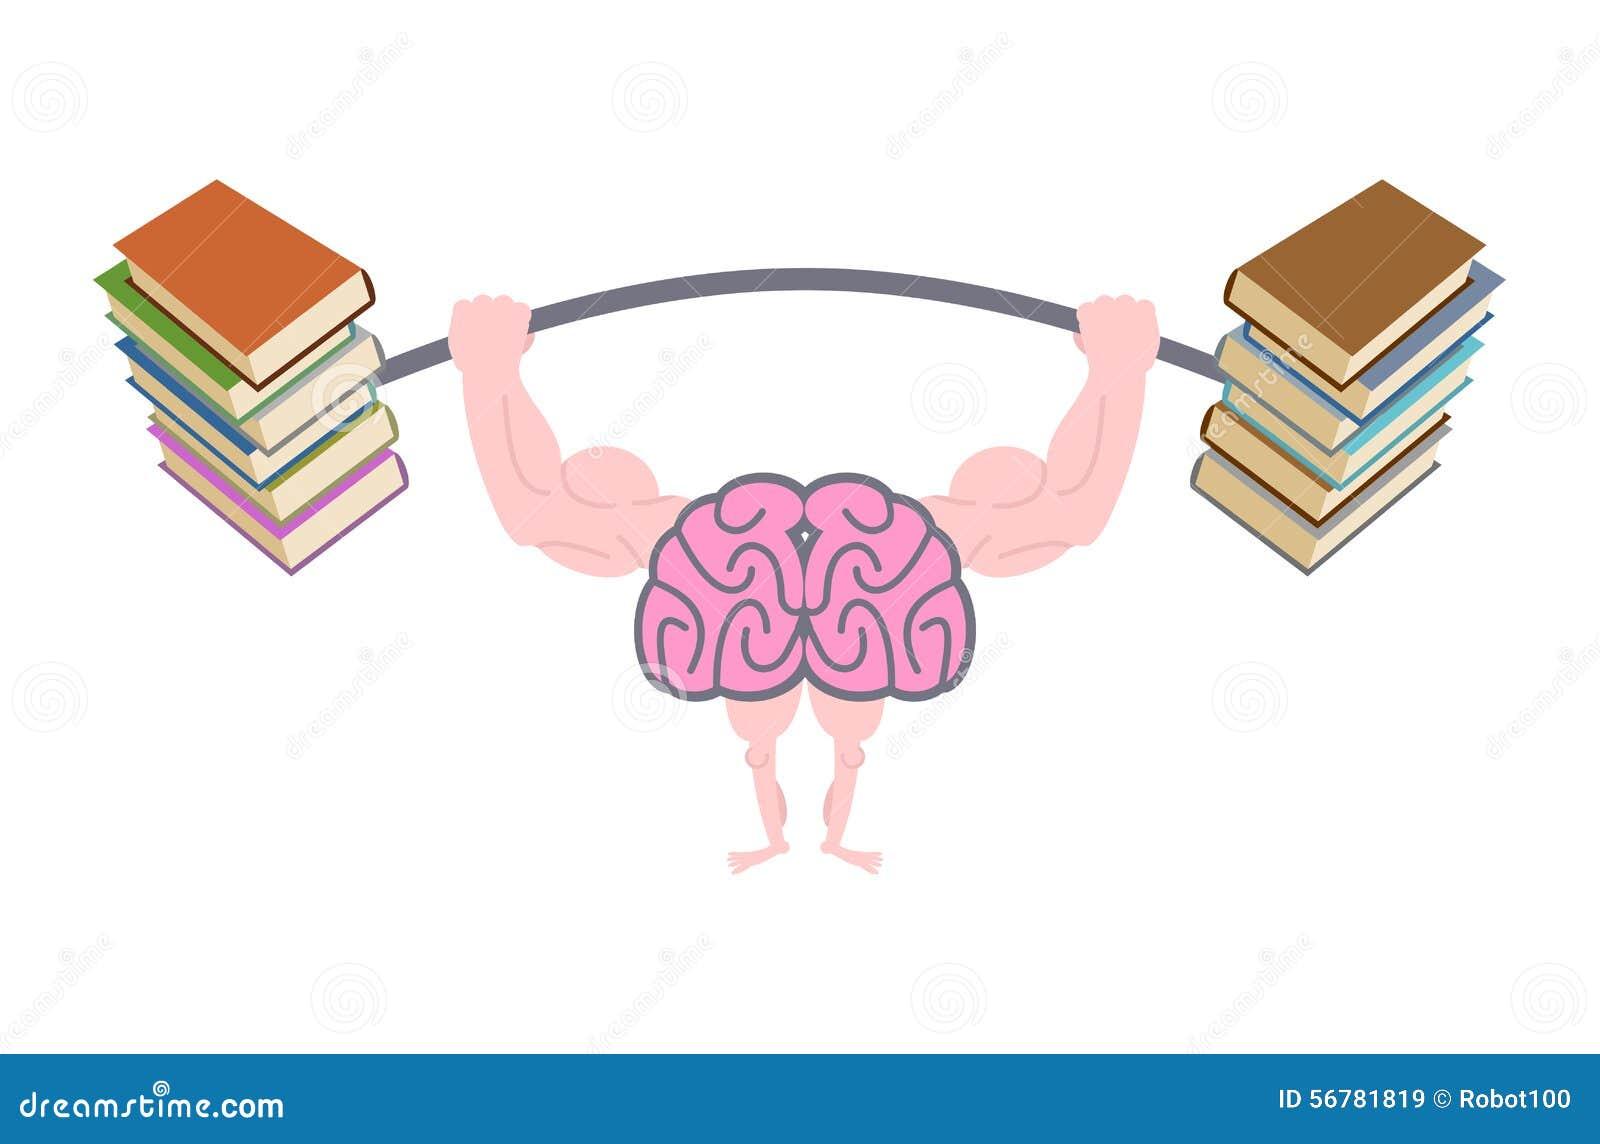 Reading Strategies that Build Muscles Like Schwarzenegger